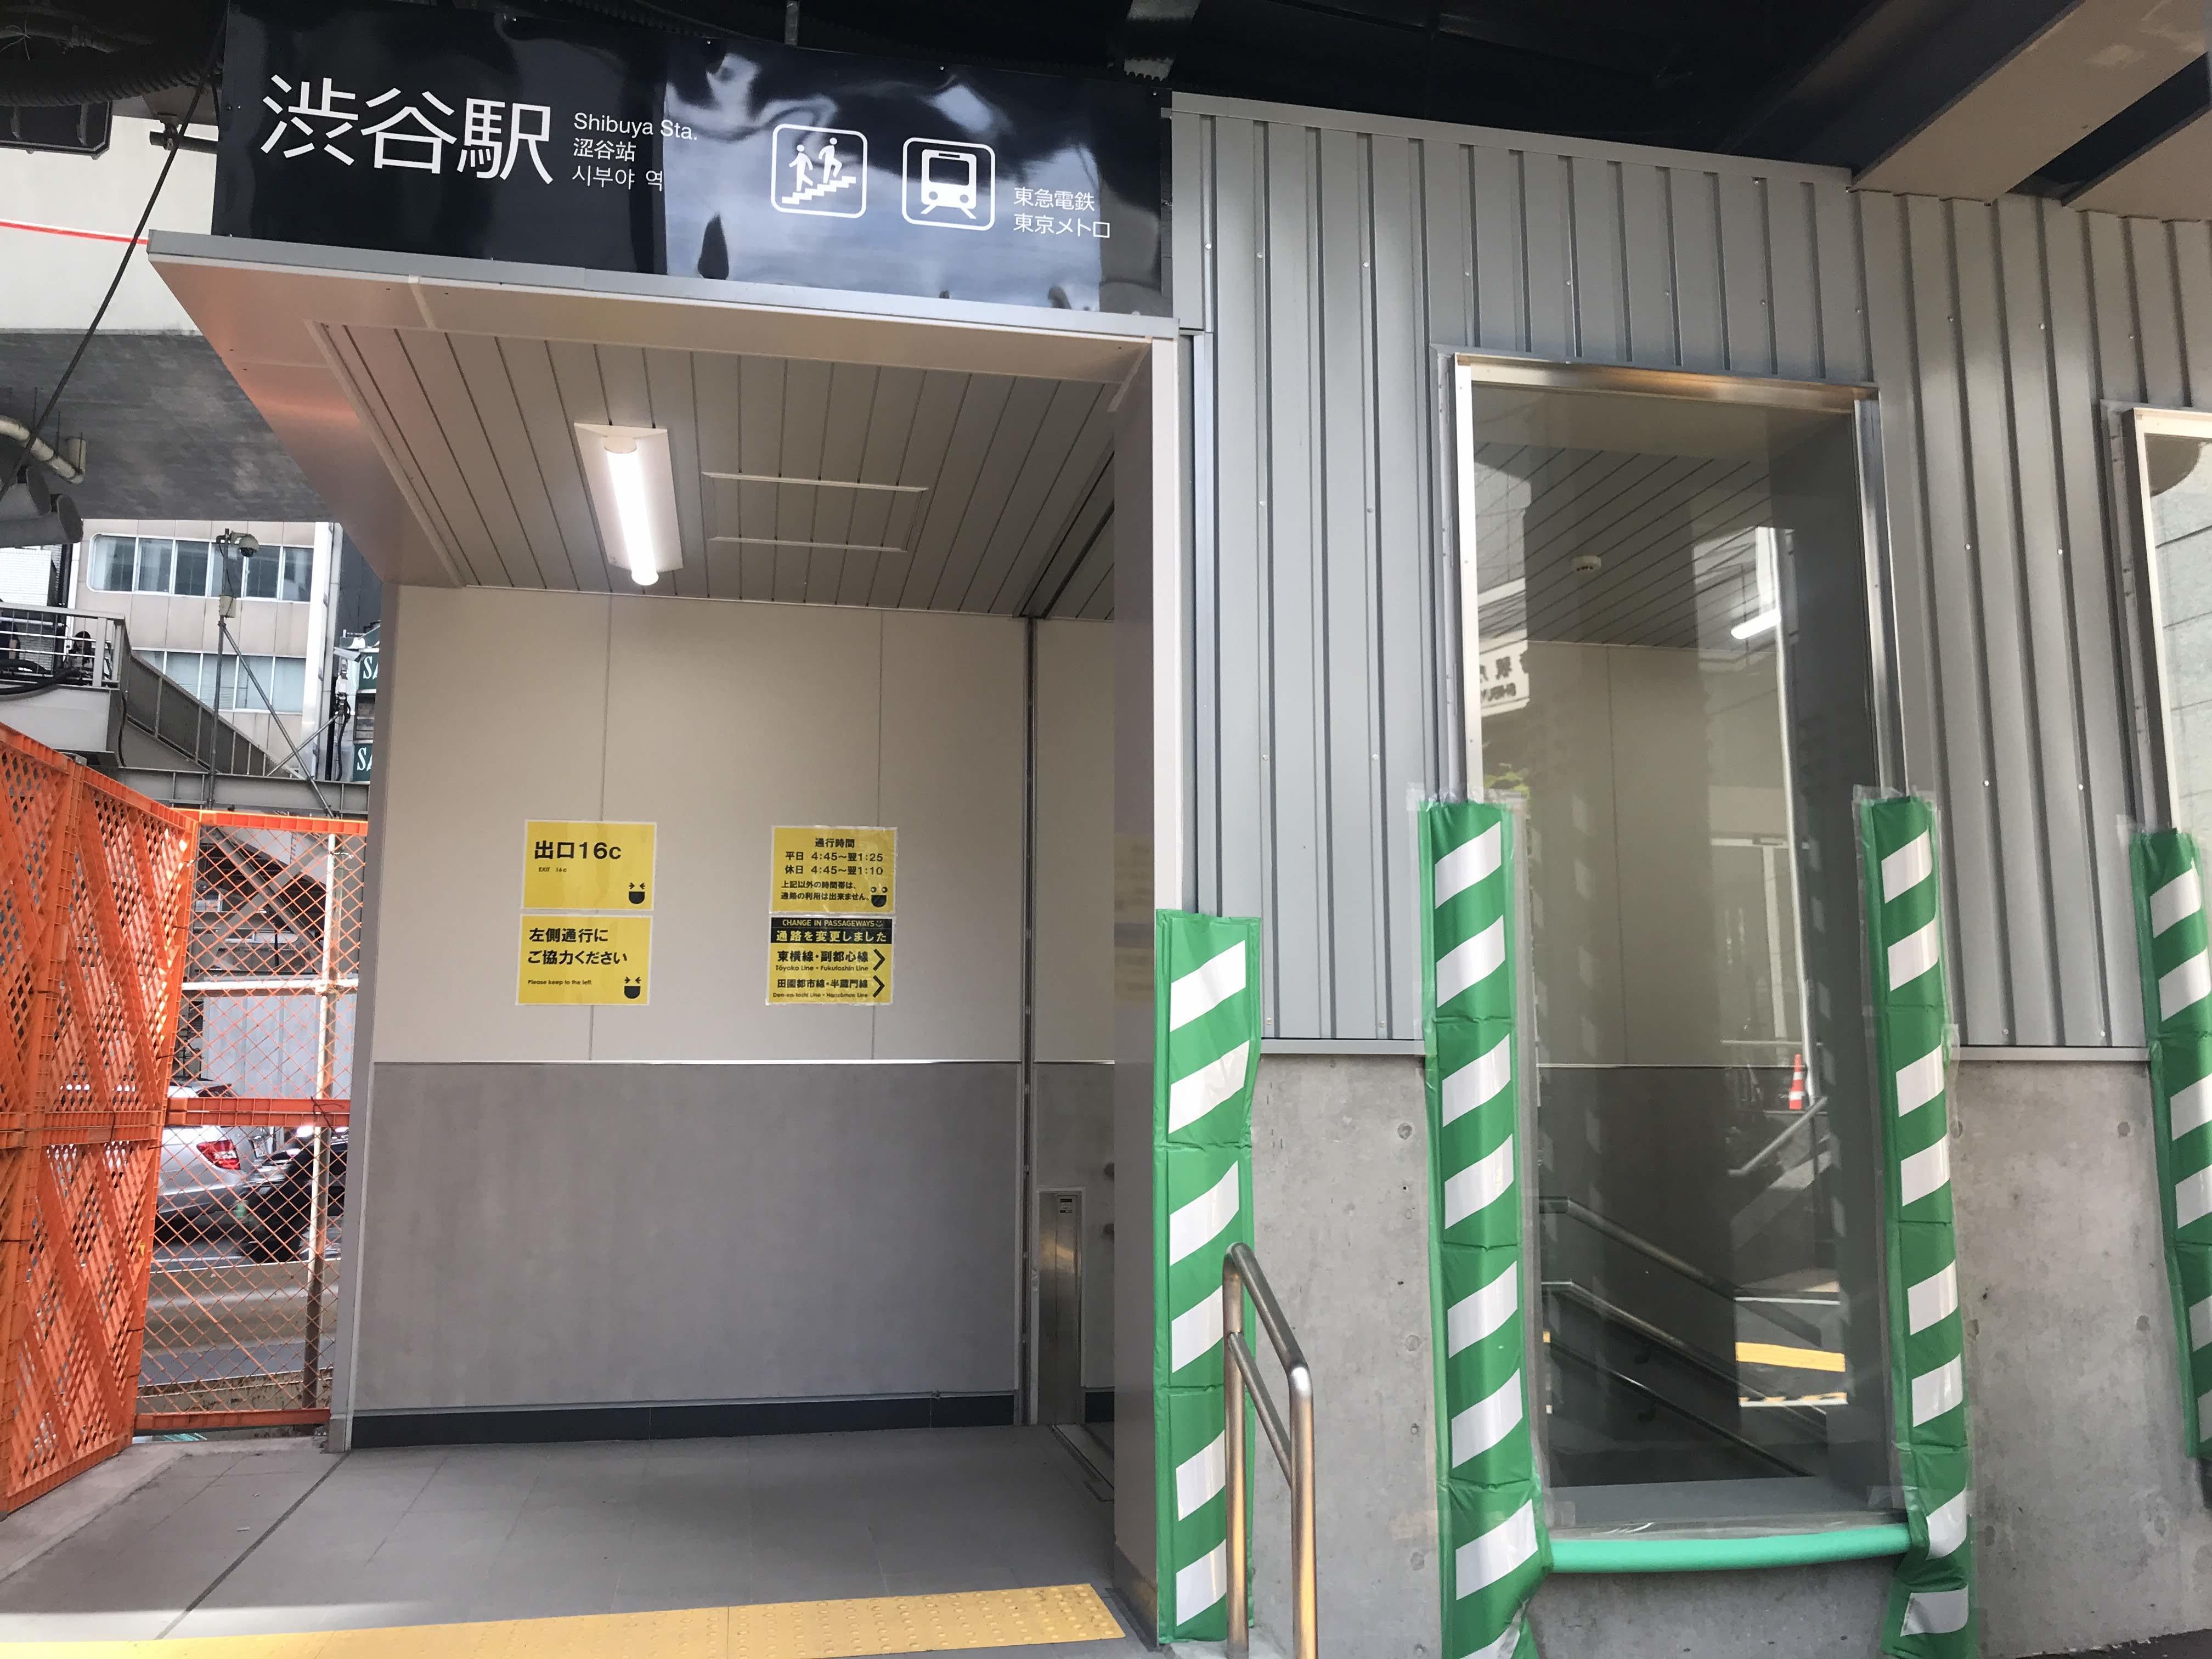 渋谷駅16c出口徒歩1分